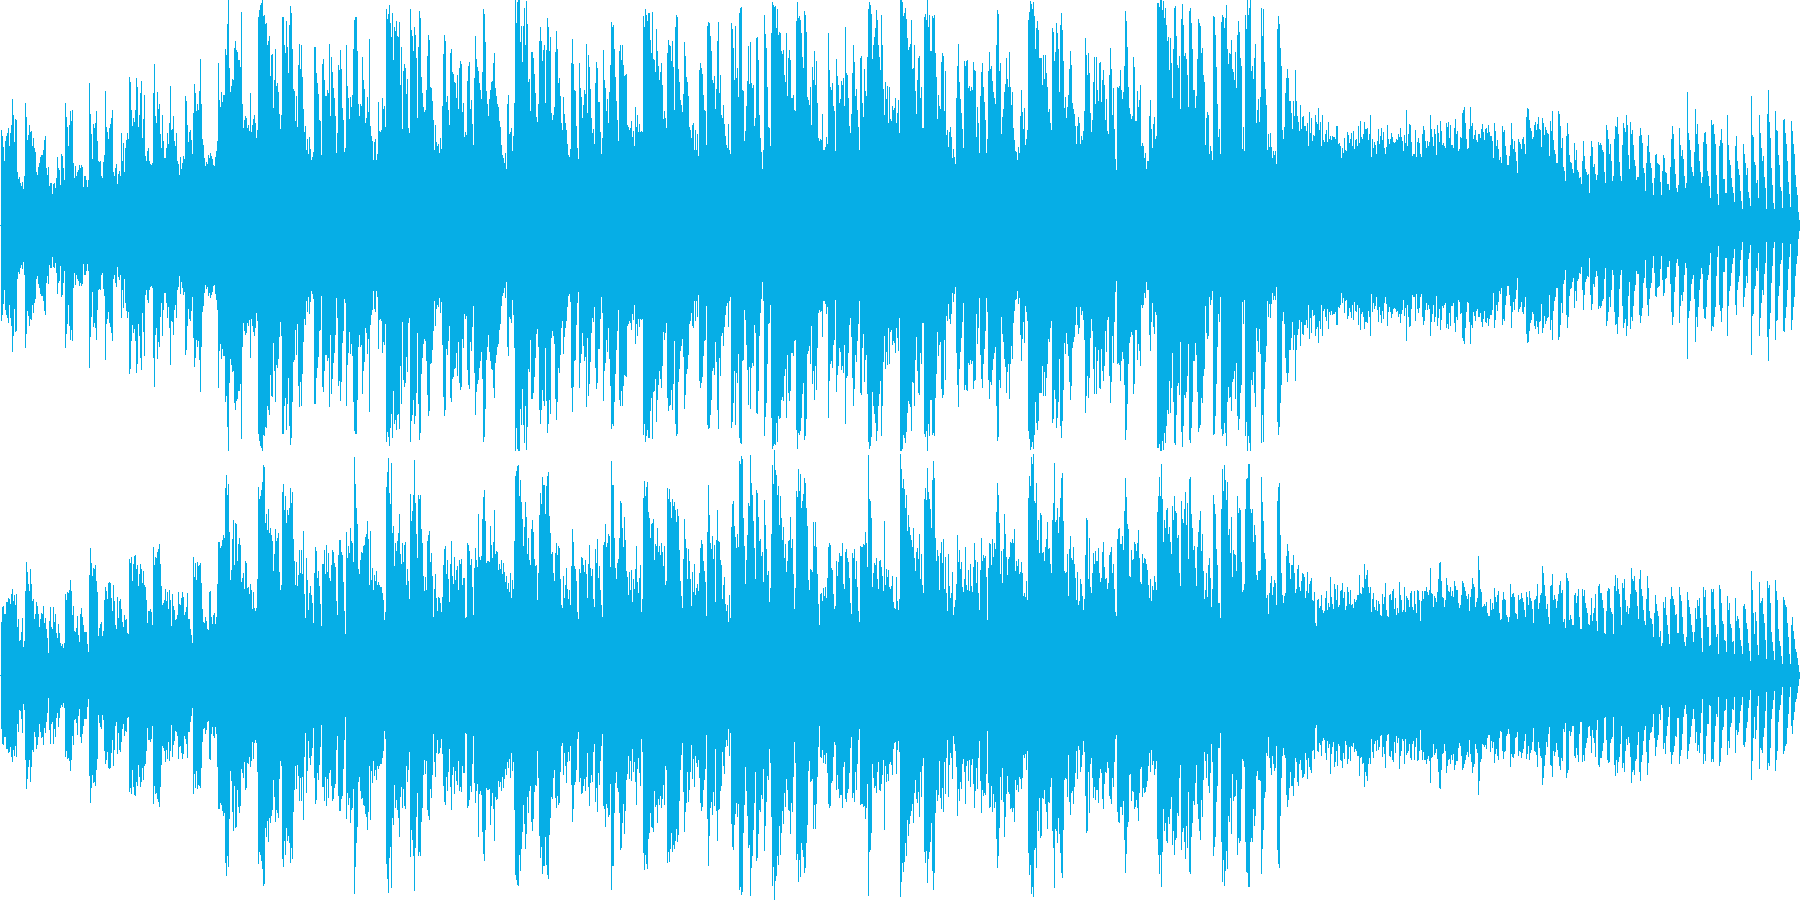 近未来ヒップ・ホップ・ジャズ風の再生済みの波形